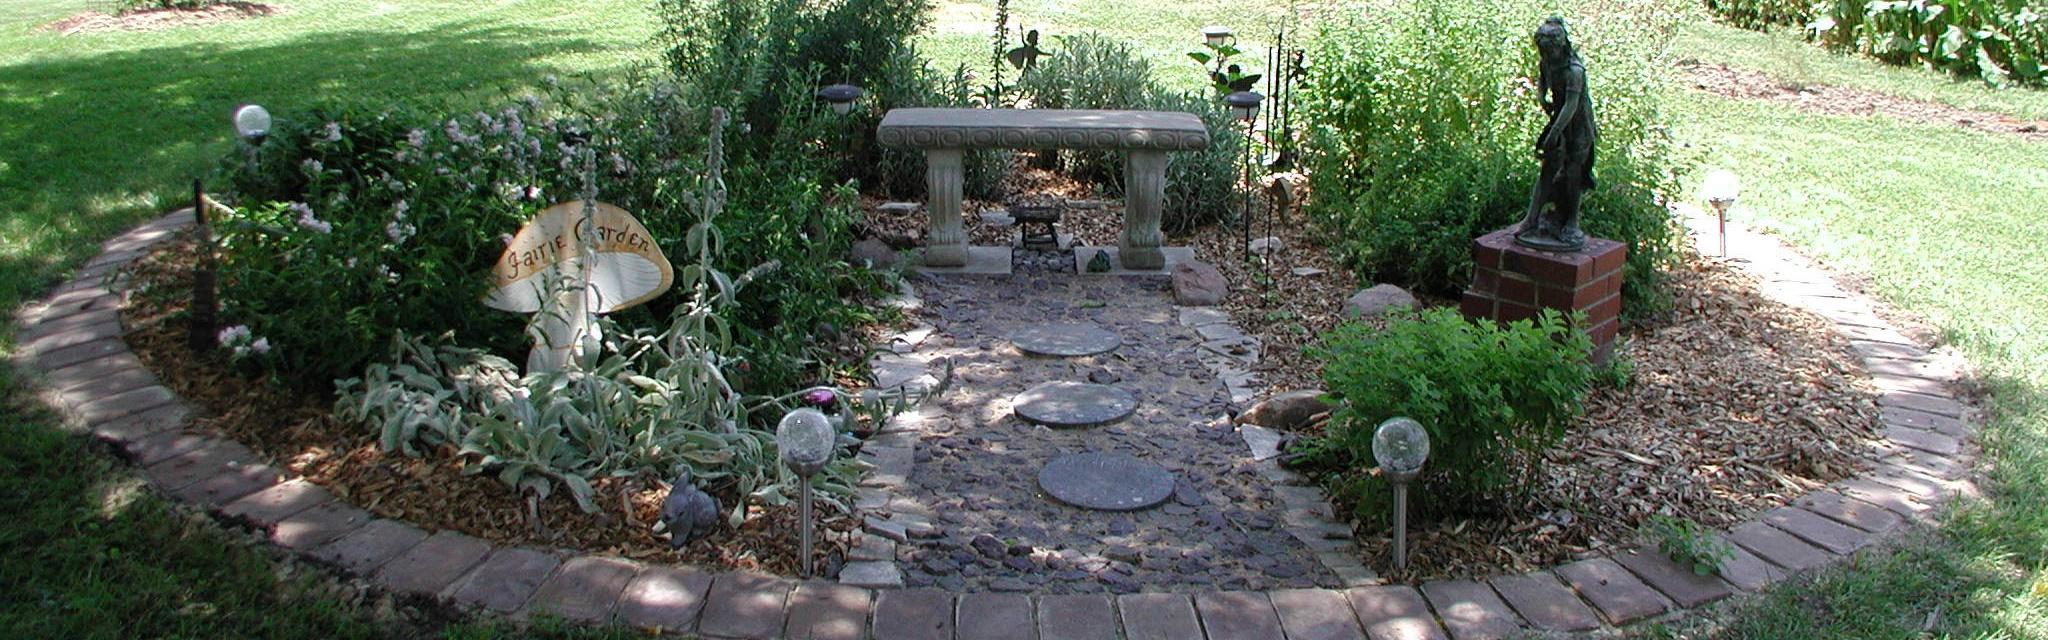 Faerie Garden @ Mari-Mann Herb Farm